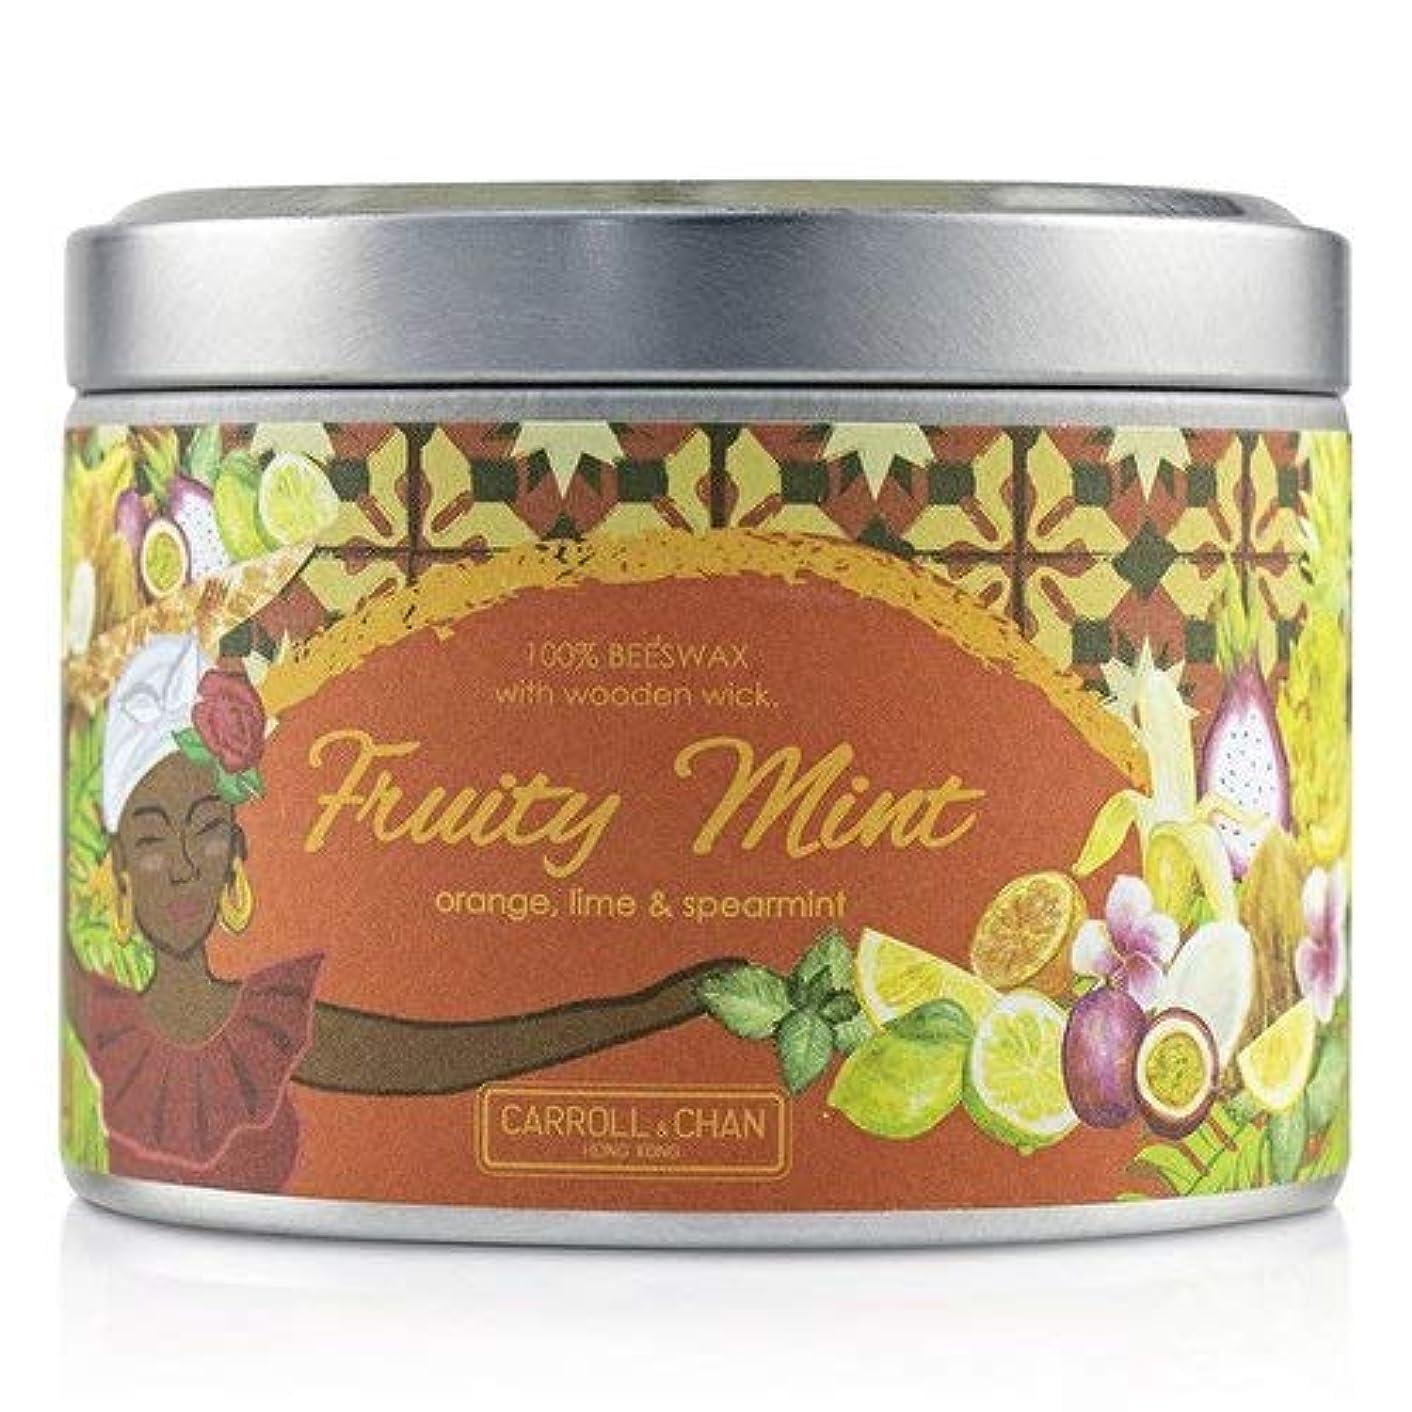 動揺させる夜明け先駆者キャンドル?カンパニー Tin Can 100% Beeswax Candle with Wooden Wick - Fruity Mint (8x5) cm並行輸入品